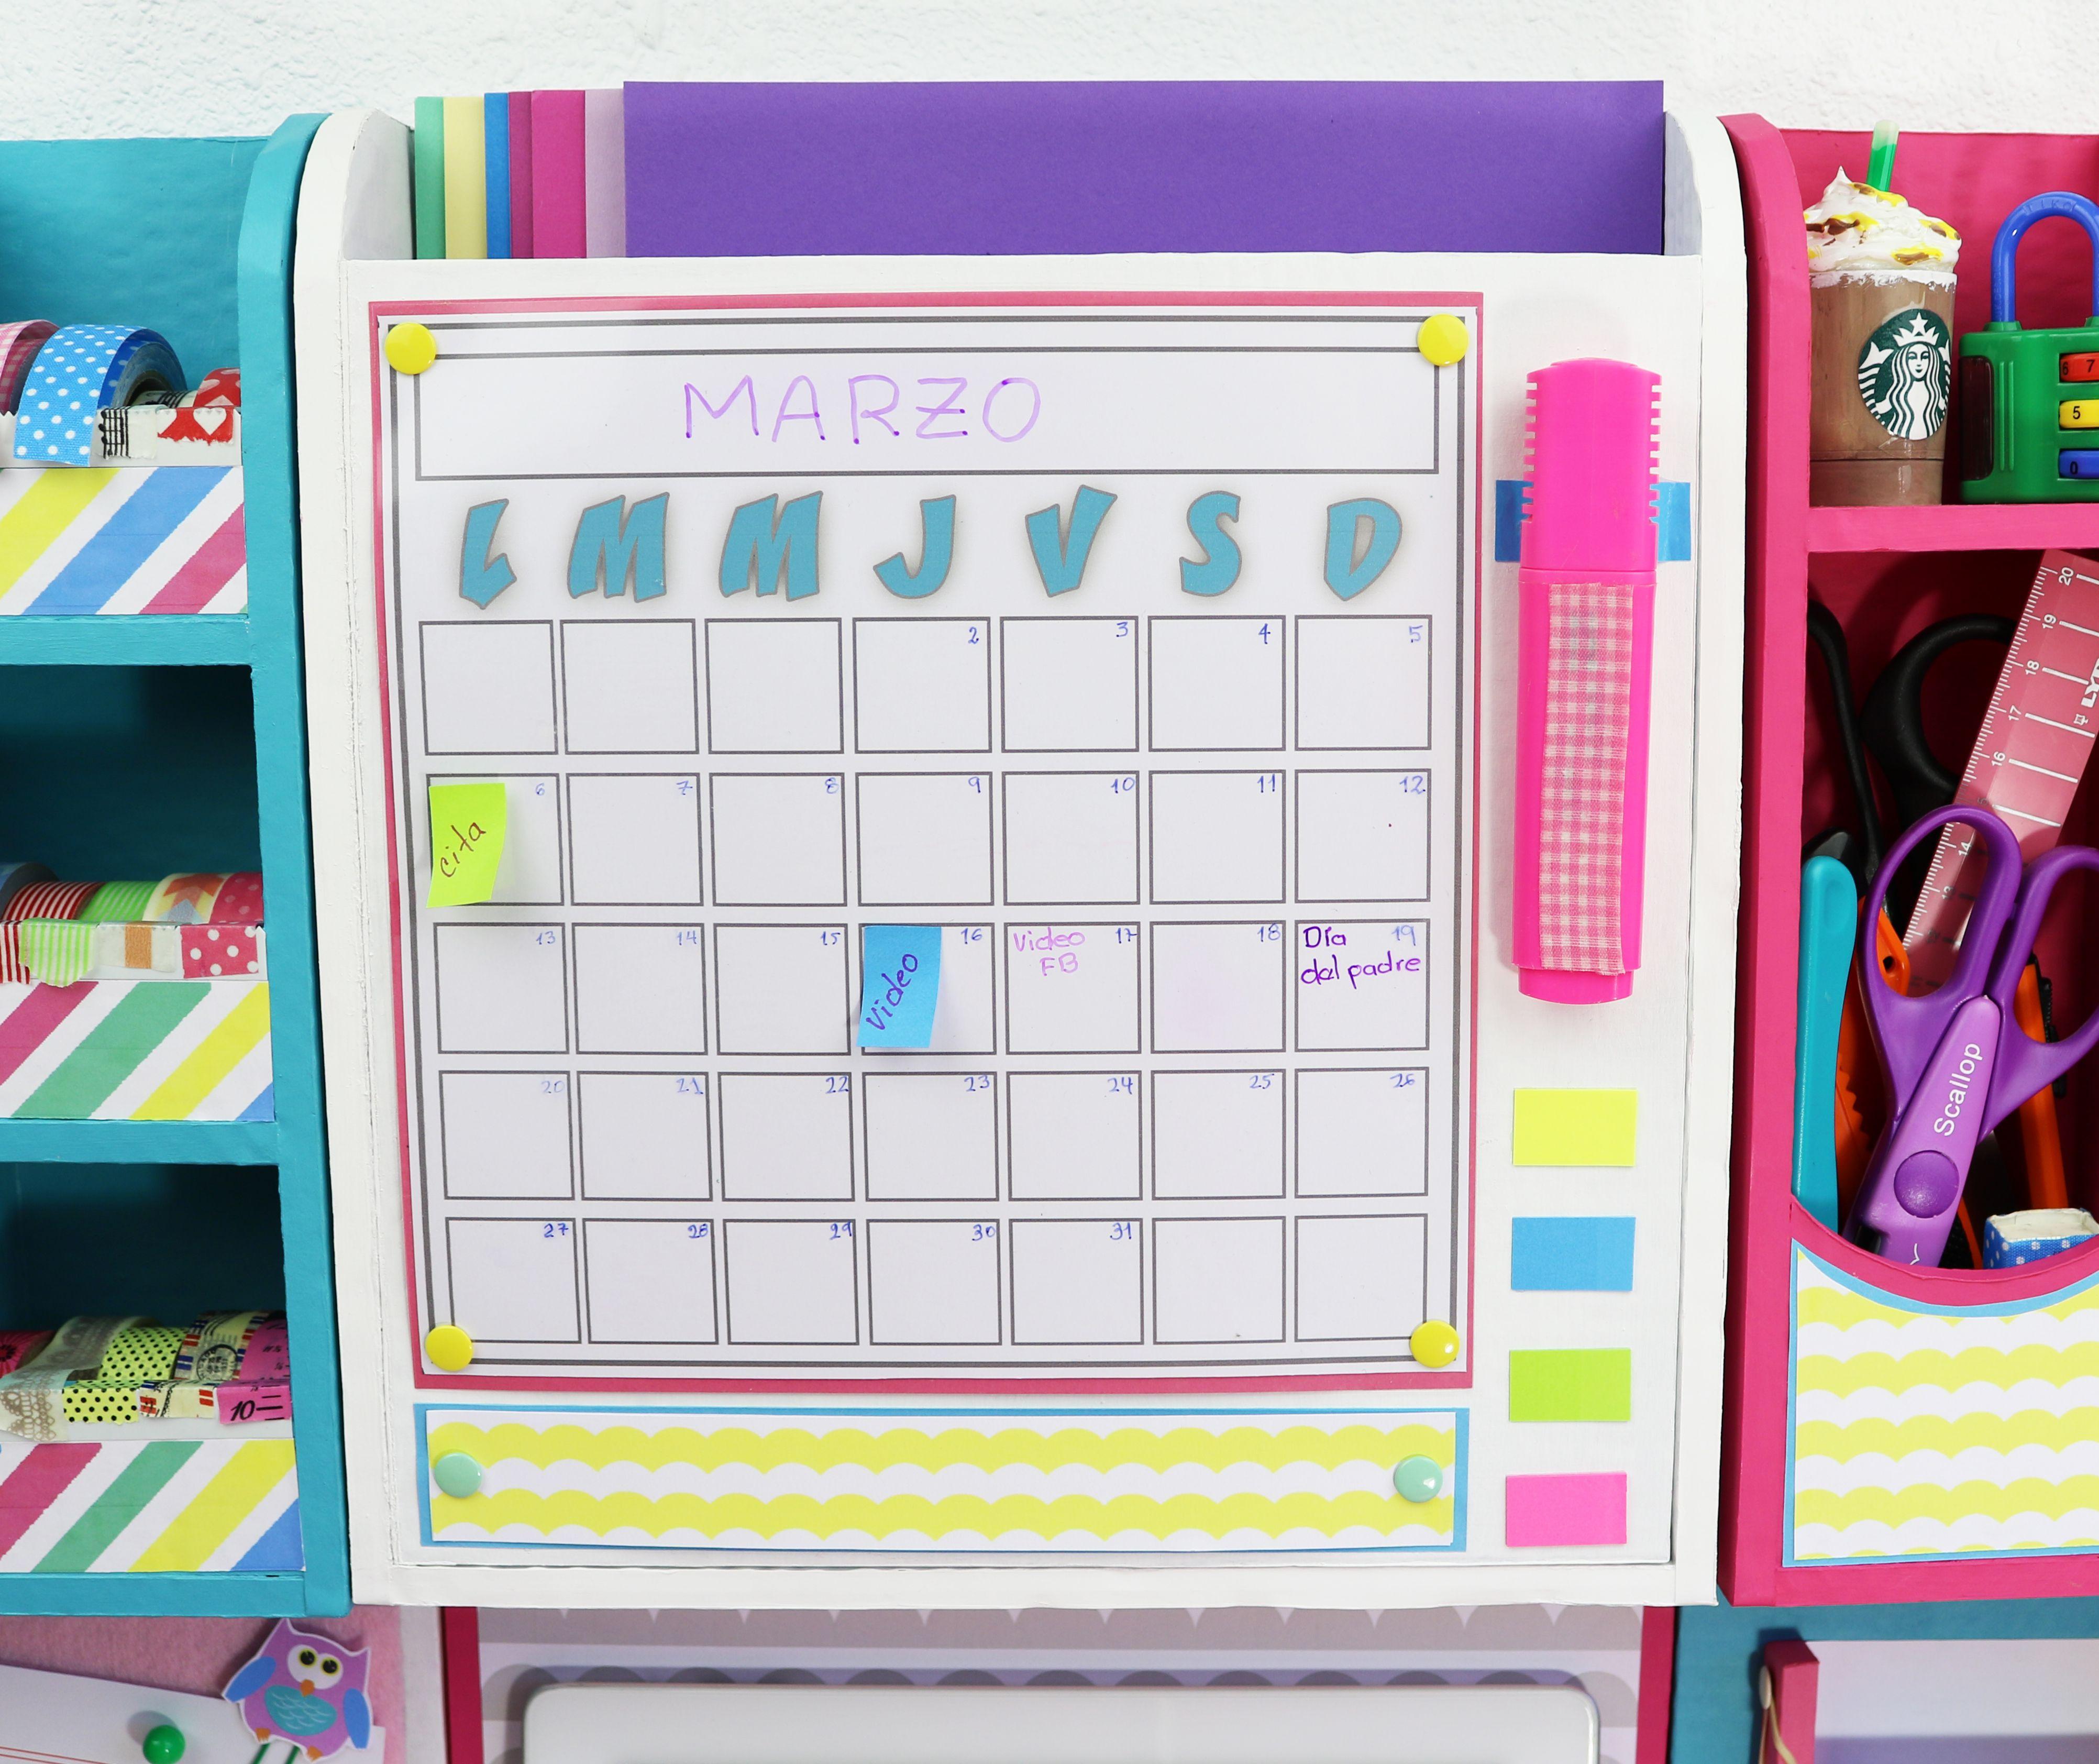 6 ideas de organizadores de escritorio para la pared modulares manua pinterest - Organizadores escritorio ...